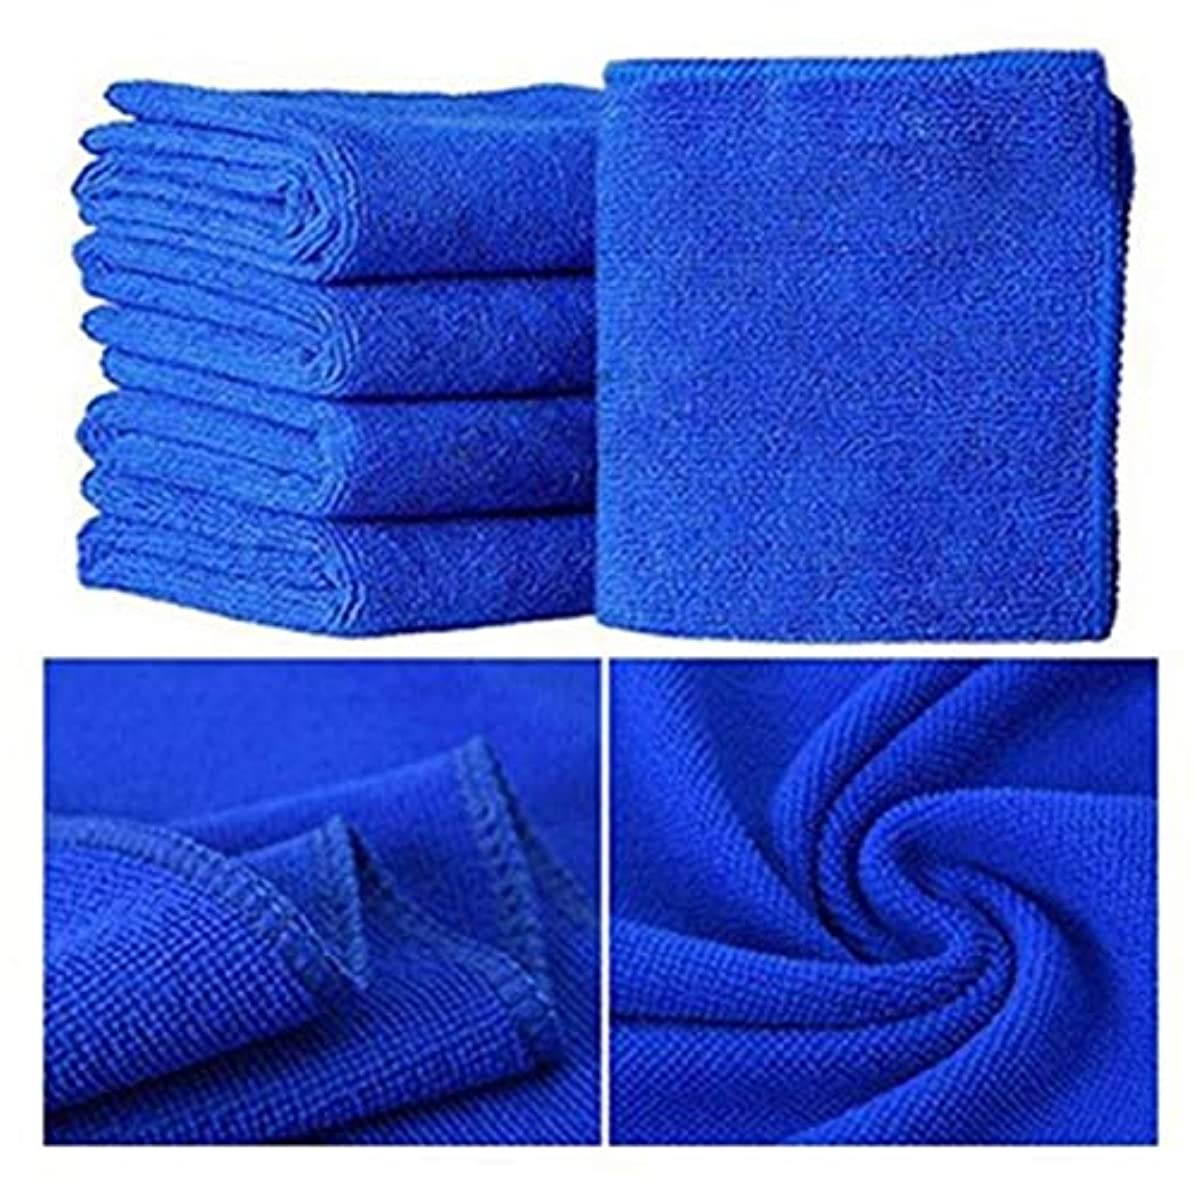 巨大な攻撃横たわるMaxcrestas - 25*25cm 5 Pcs/ 10 Pcs Small Towel Soft Microfiber Towel great absorbent Towel for bathroom kitchen washing face skin body use [ Blue ]